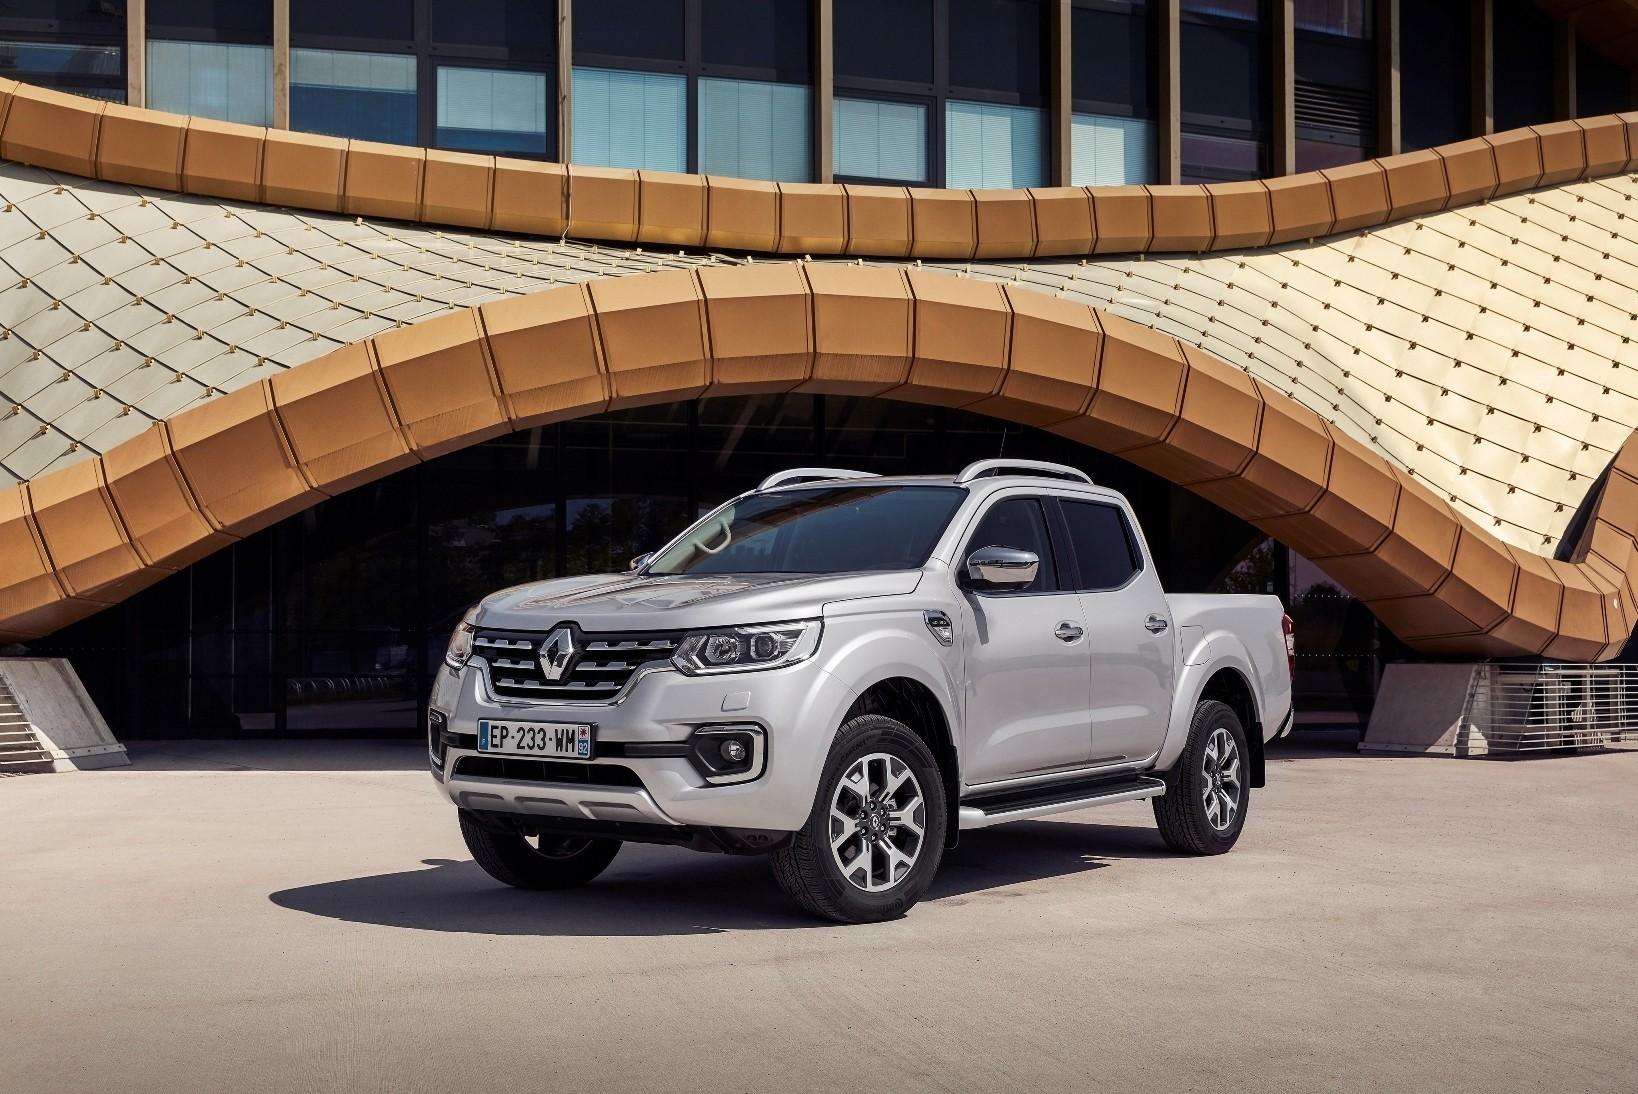 Renault Alaskan Pickup Confirmed For Europe Deliveries